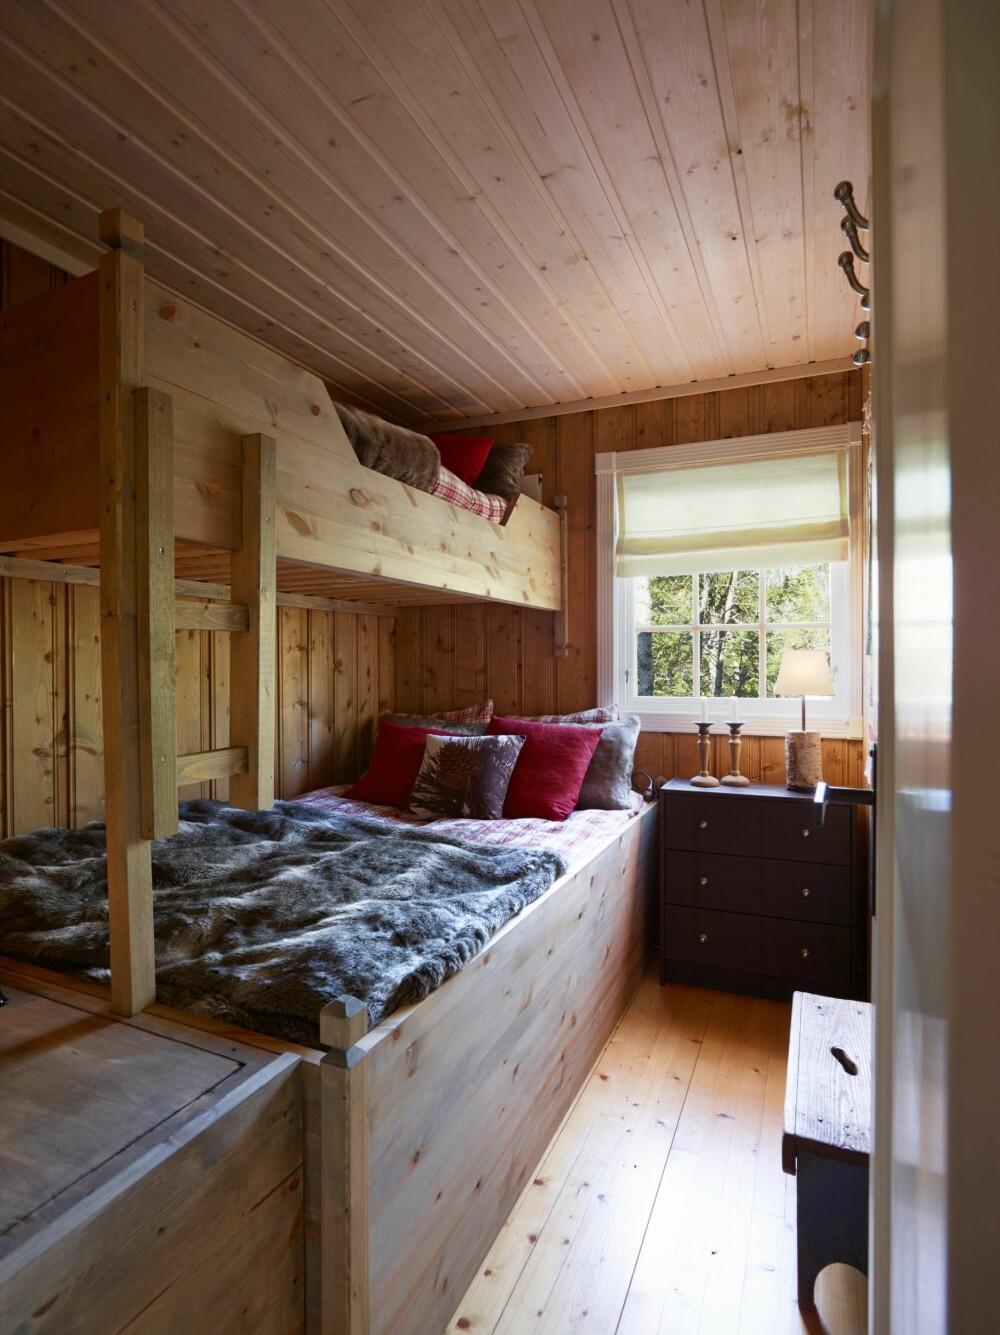 SELVBYGGET: Bent ble inspirert på hytteutstillingen til Drammenshytta, og har laget senger av hobbyplater fra Biltema og restematerialer.  I enden av sengen var det et tomrom som han har kledd inn, og som nå fungerer som ekstra oppbevaringsplass.